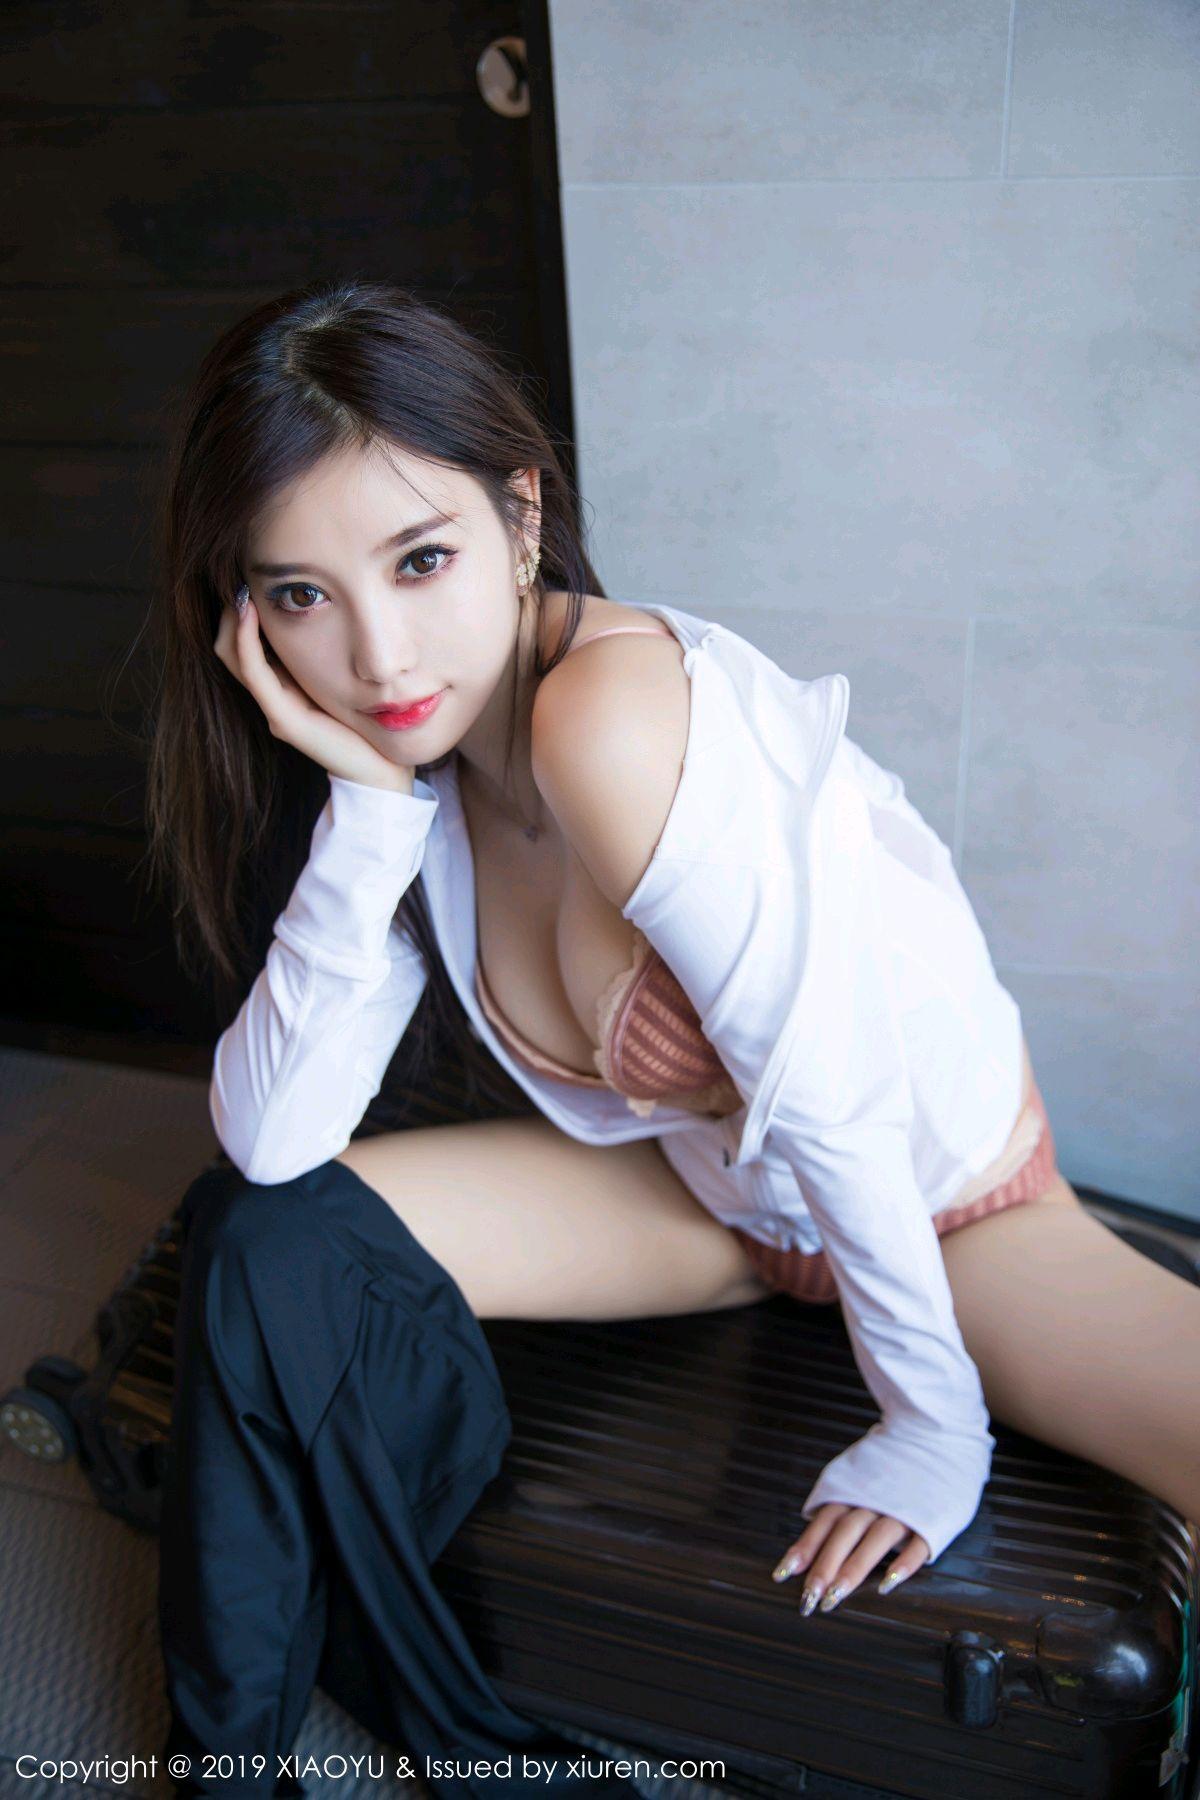 [XiaoYu] Vol.077 Yang Chen Chen Sugar 62P, Underwear, XiaoYu, Yang Chen Chen